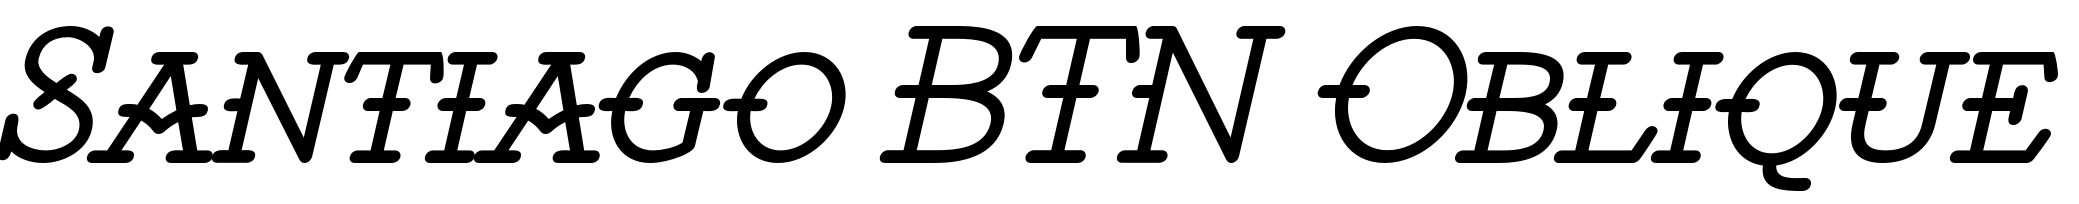 Santiago BTN Oblique